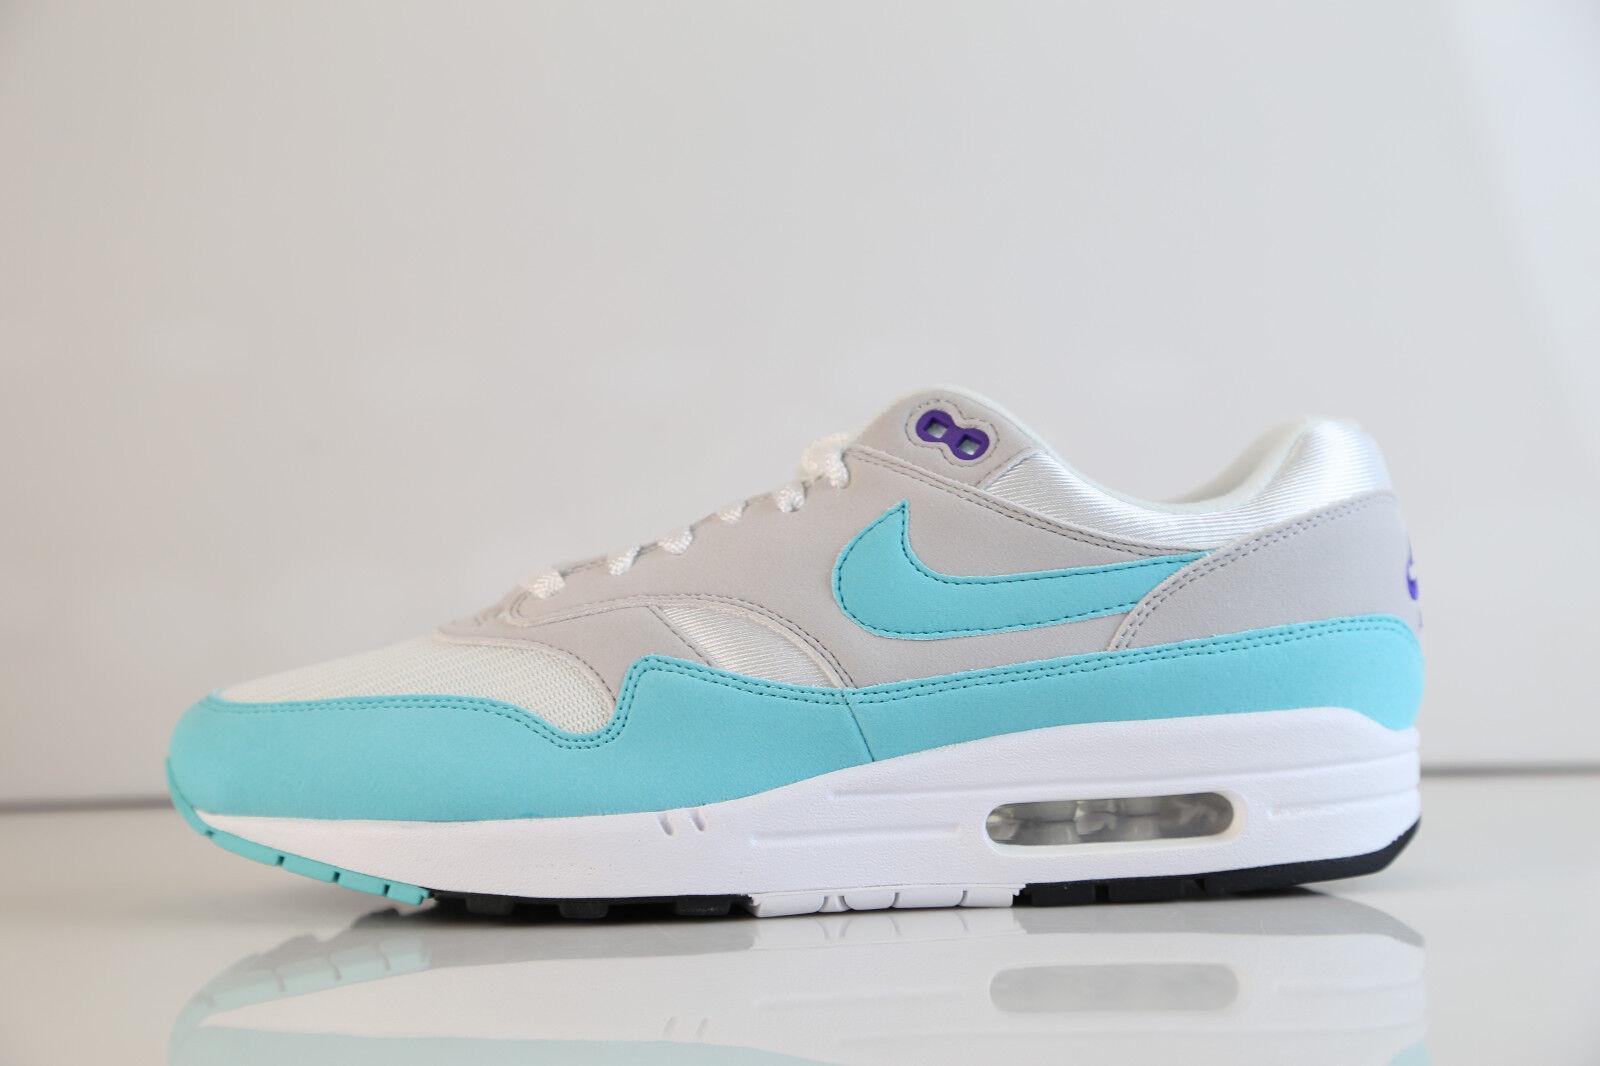 Nike air max 1 anniversario white aqua 908375-105 gli 8 e i 13 og anniv 90 verde